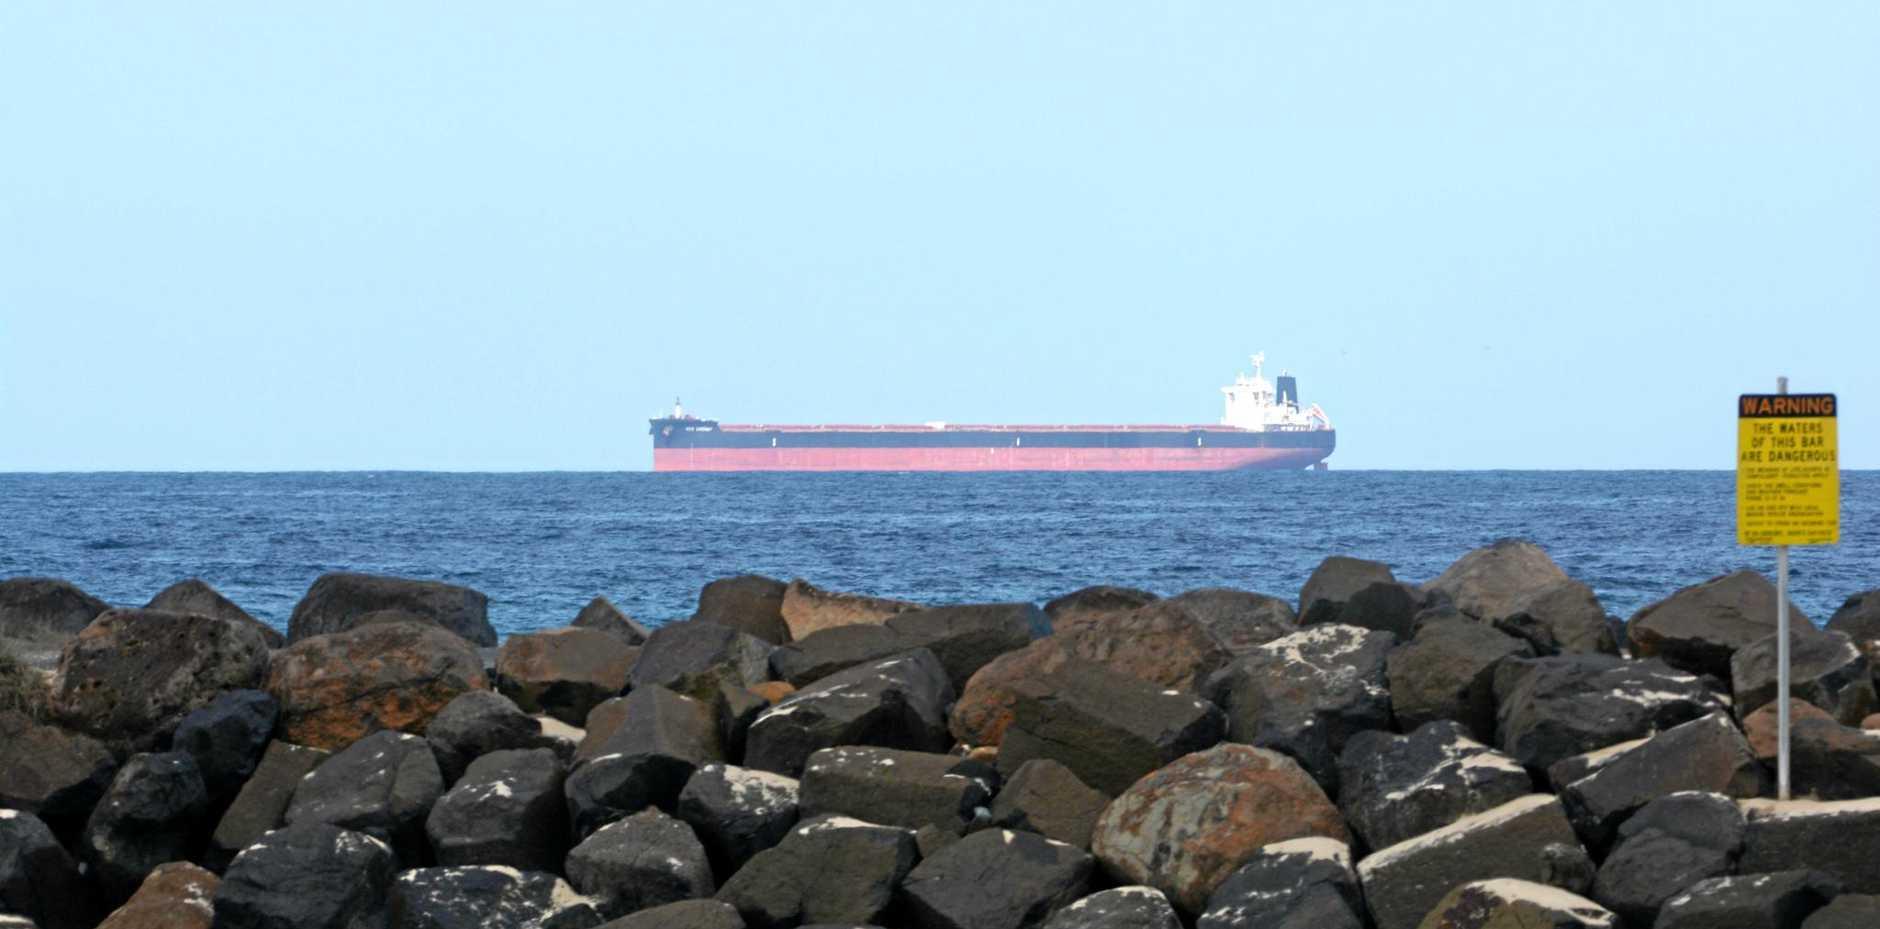 Liberian-registered bulk carrier Red Cherry off the coast of Kingscliff.